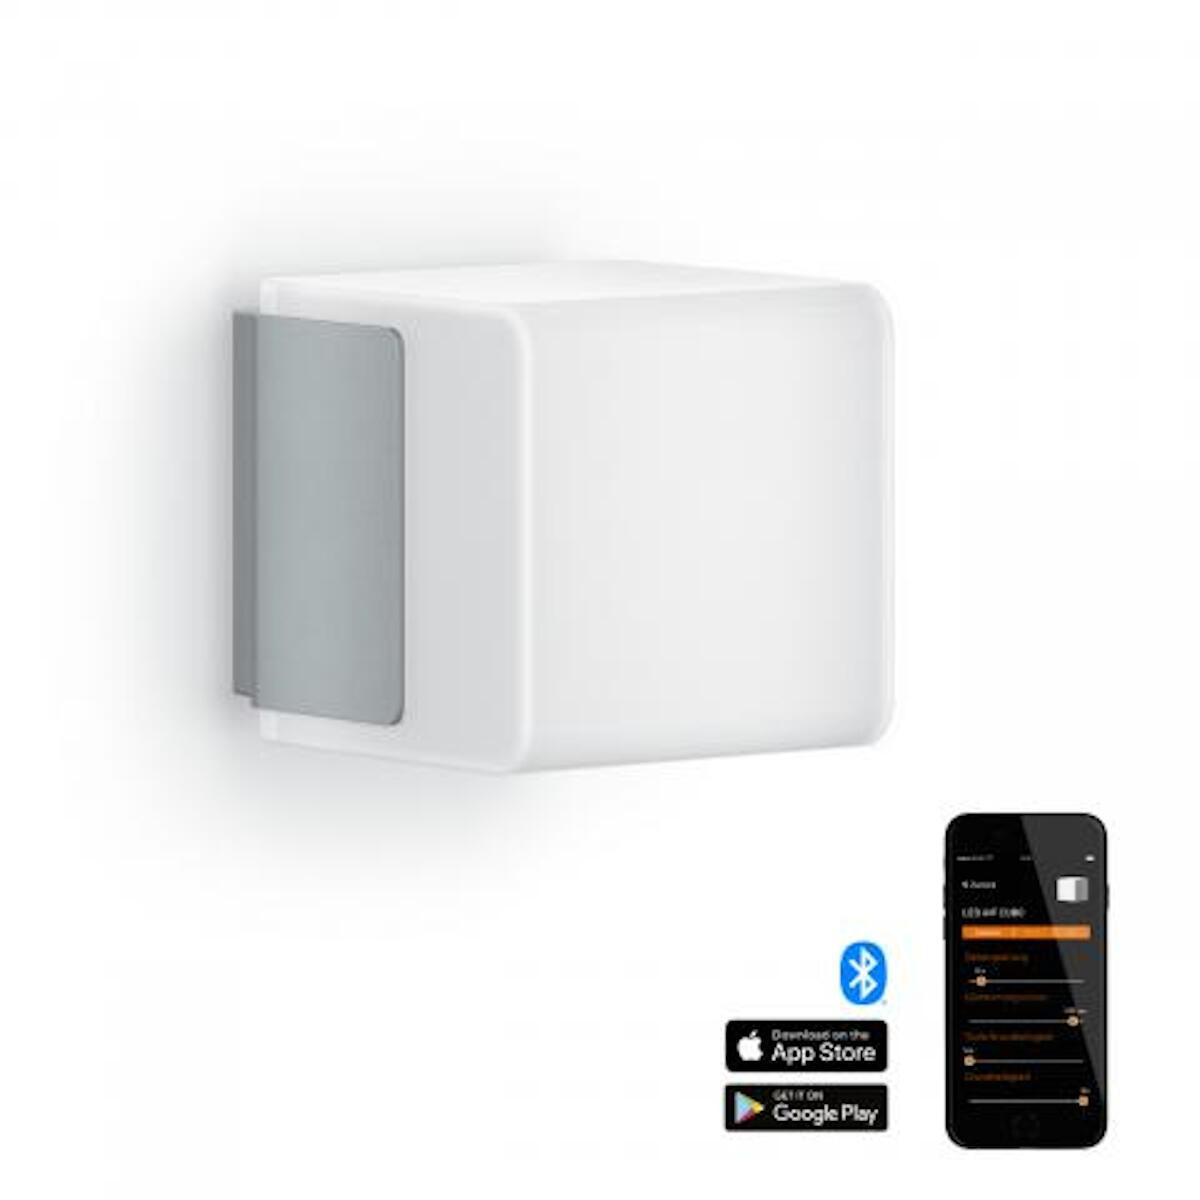 Applique L 835 LED integrato con sensore di movimento, antracite, 9.5W 586LM IP44 STEINEL - 5